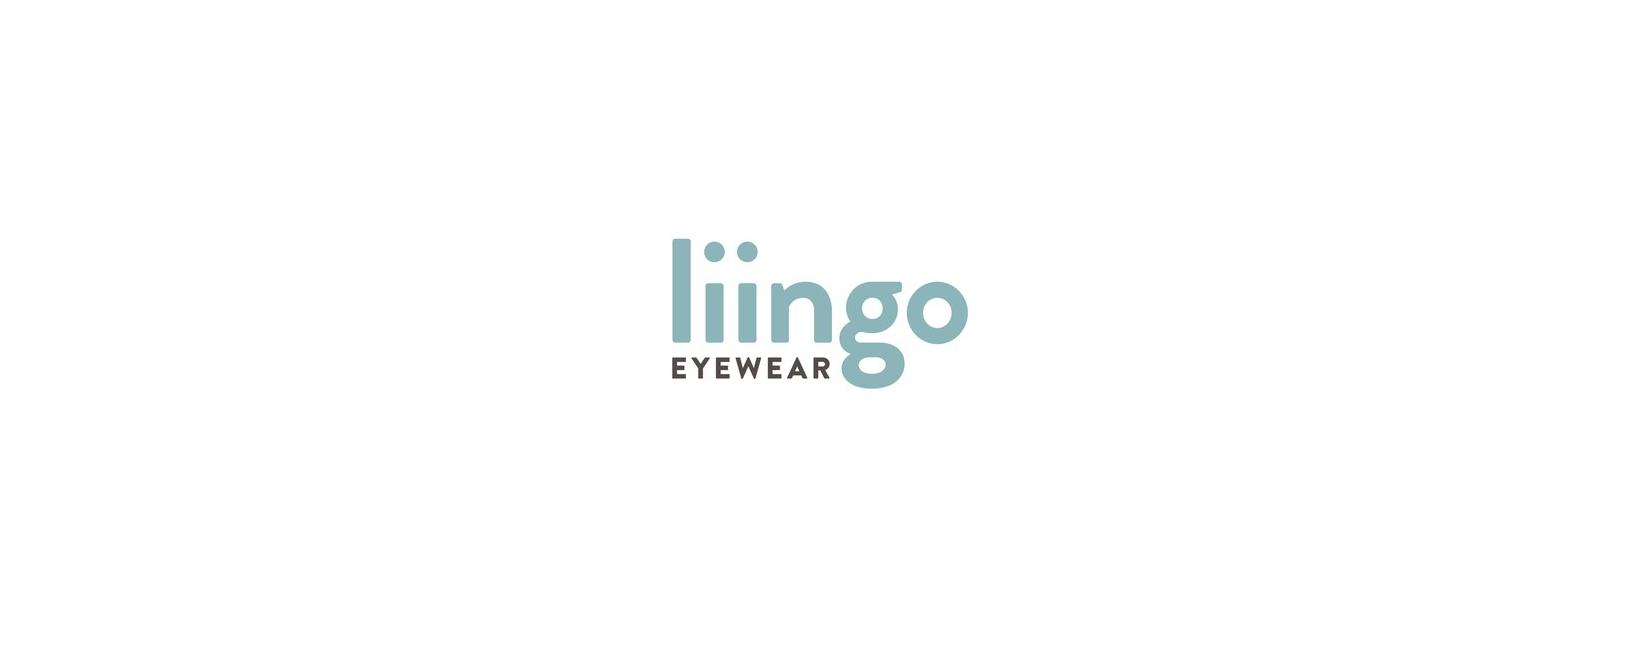 Liingo Eyewear Coupon Code 2021